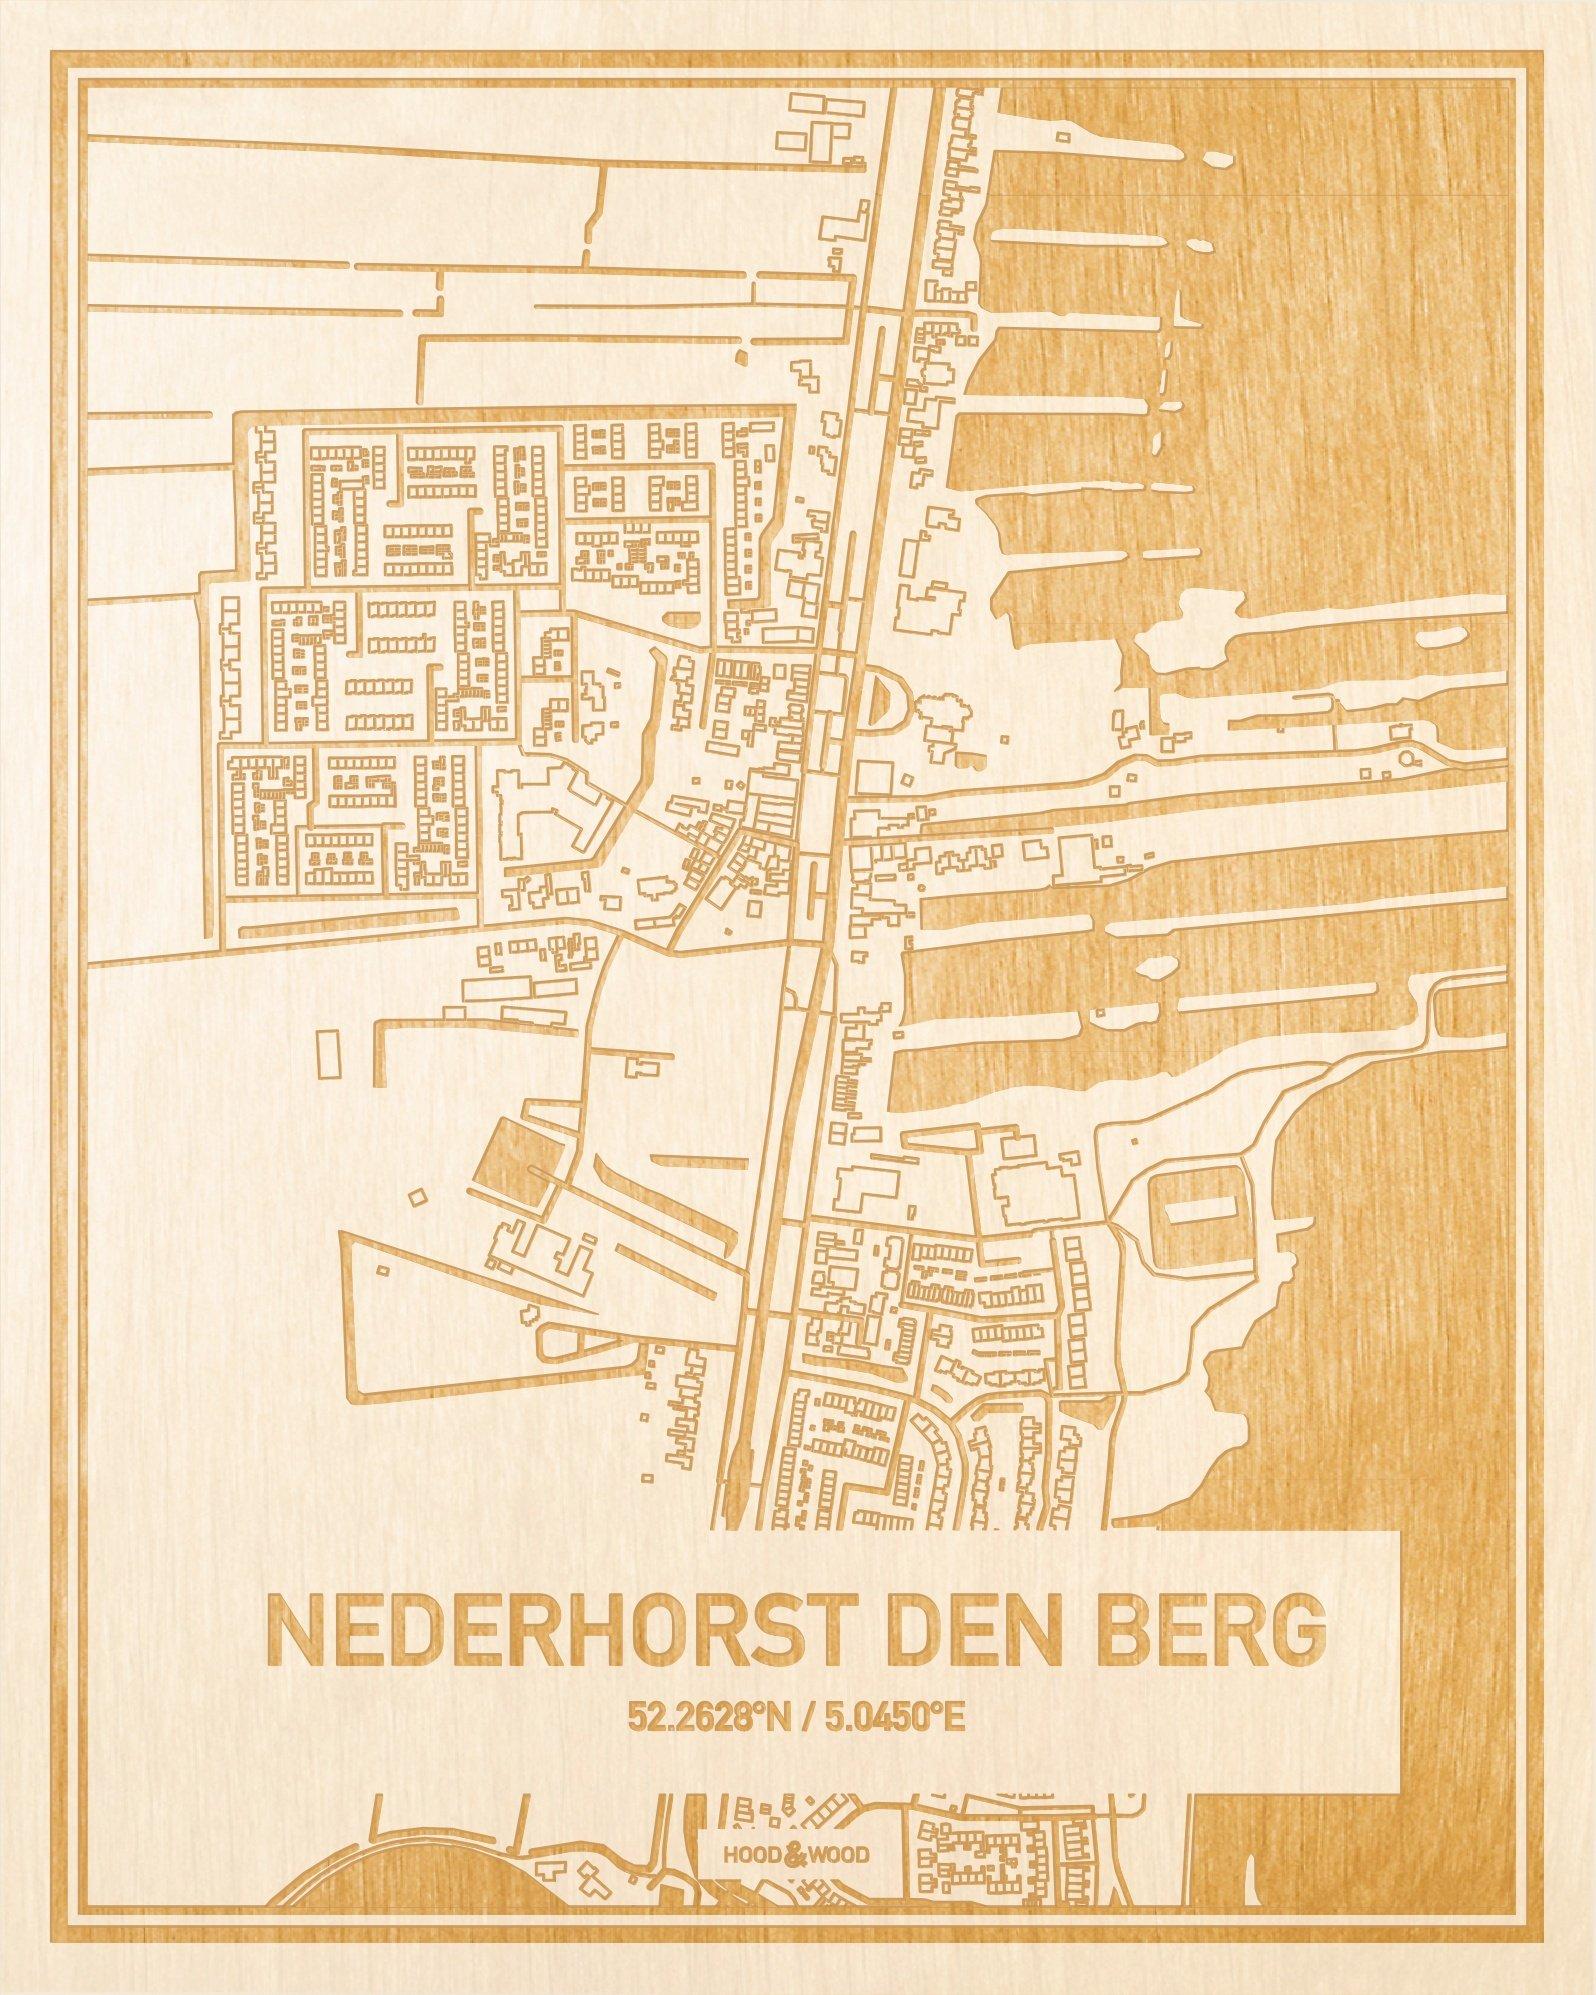 Nederhorst Den Berg Nederland.Plattegrond Nederhorst Den Berg